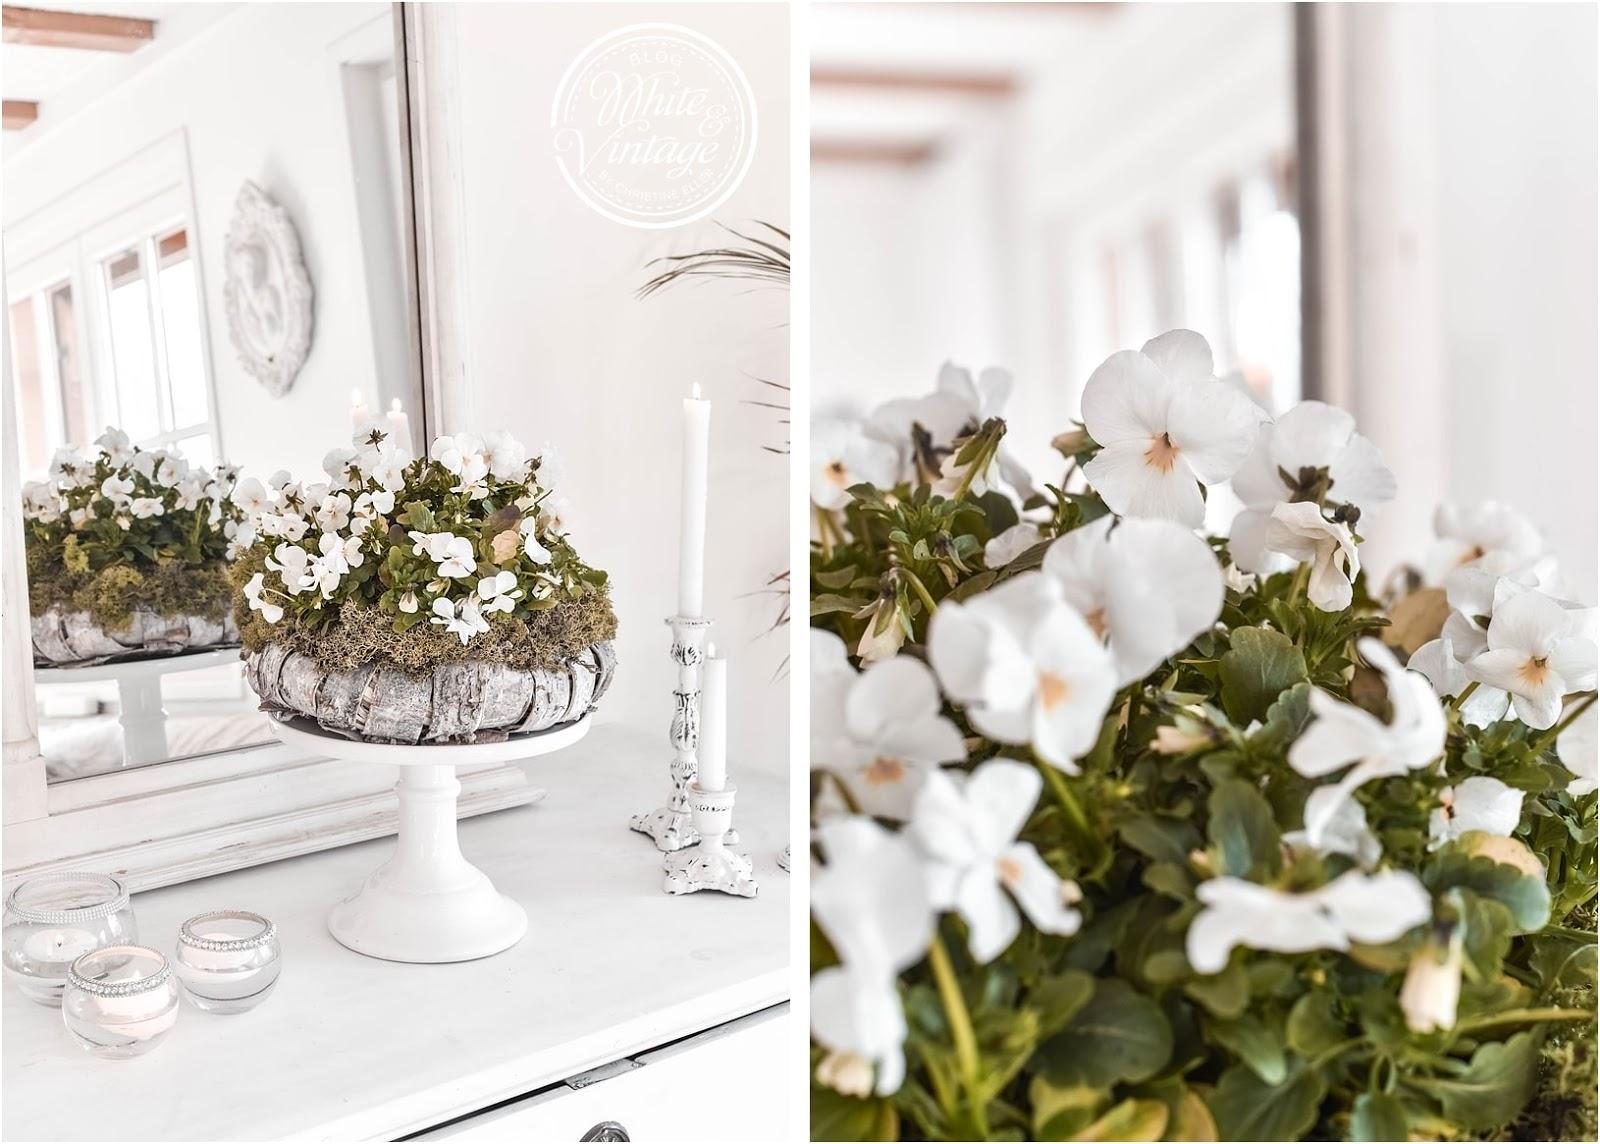 Kranz aus Baumrinden mit weißen Hornveilchen dekorieren.